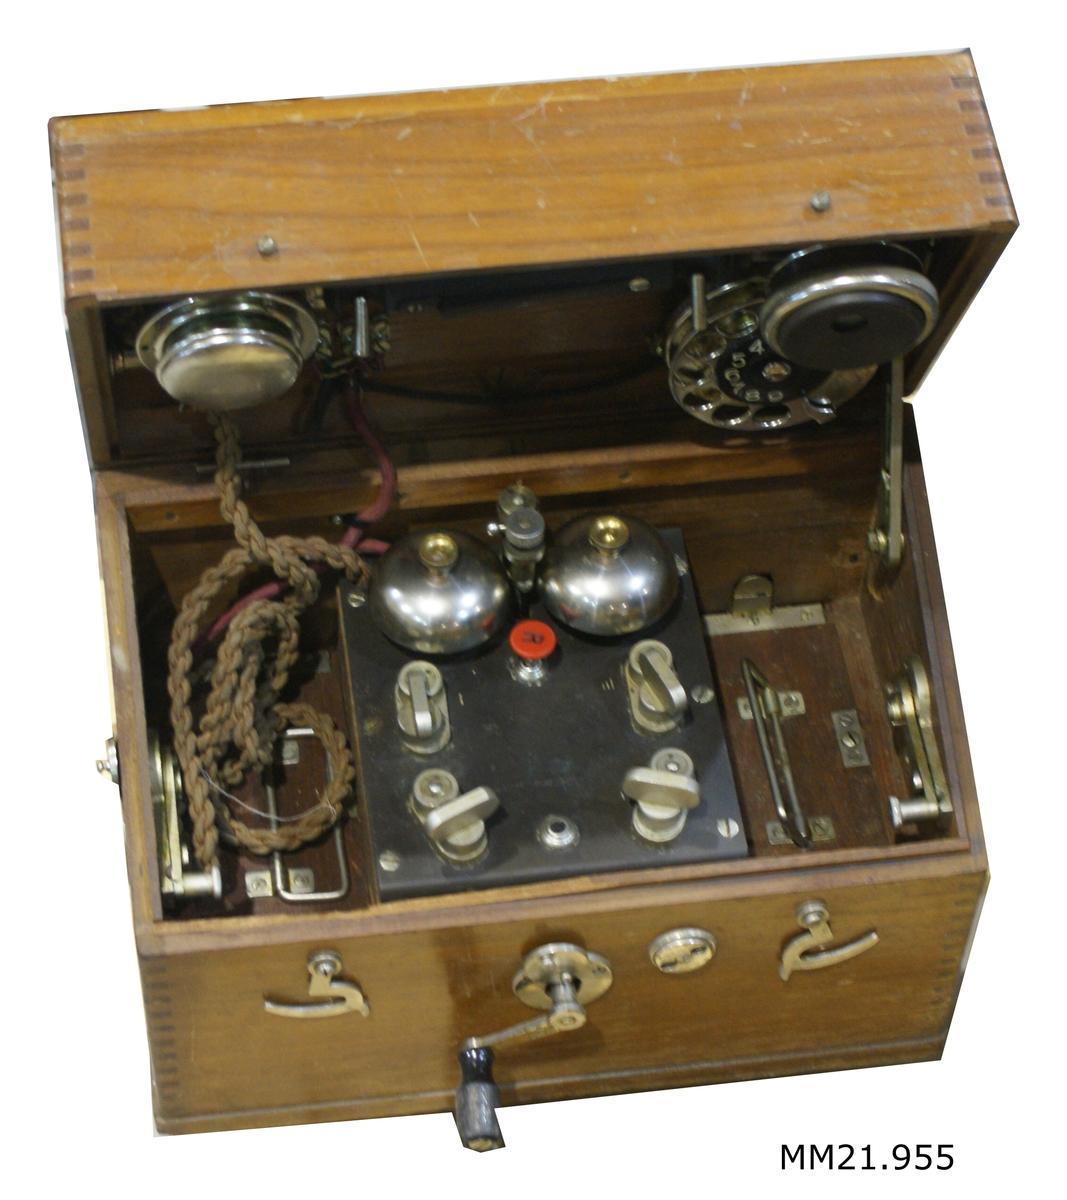 Lådtelefon M/06 monterad i låda av teak. SSS 108,1.